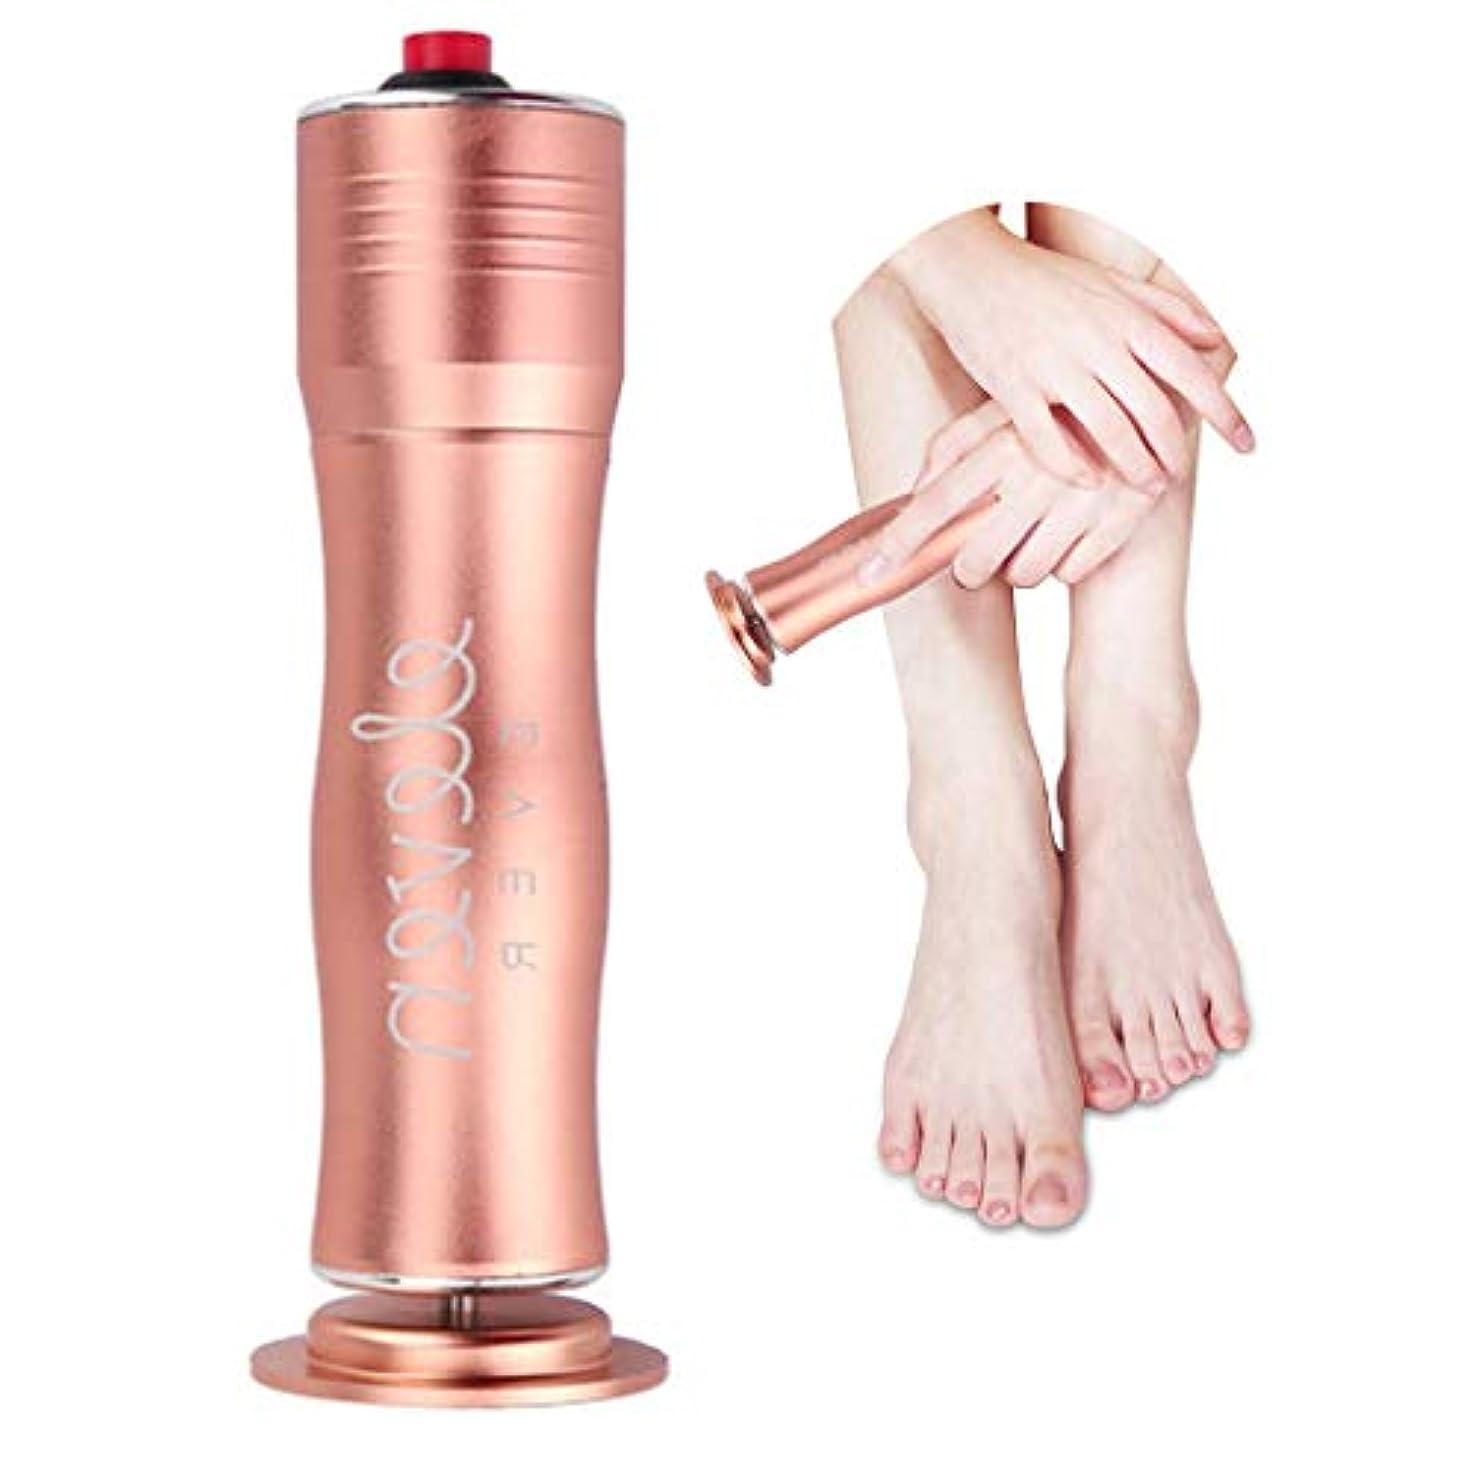 グレーおいしい後悔電動角質リムーバー 角質取り スピーディに足の角質を除去可能 速度調節可能 清潔的 衛生的な足部ケア道具 磨足器 ペディキュアマシン 使い捨てのサンドペーパー付き 男女兼用